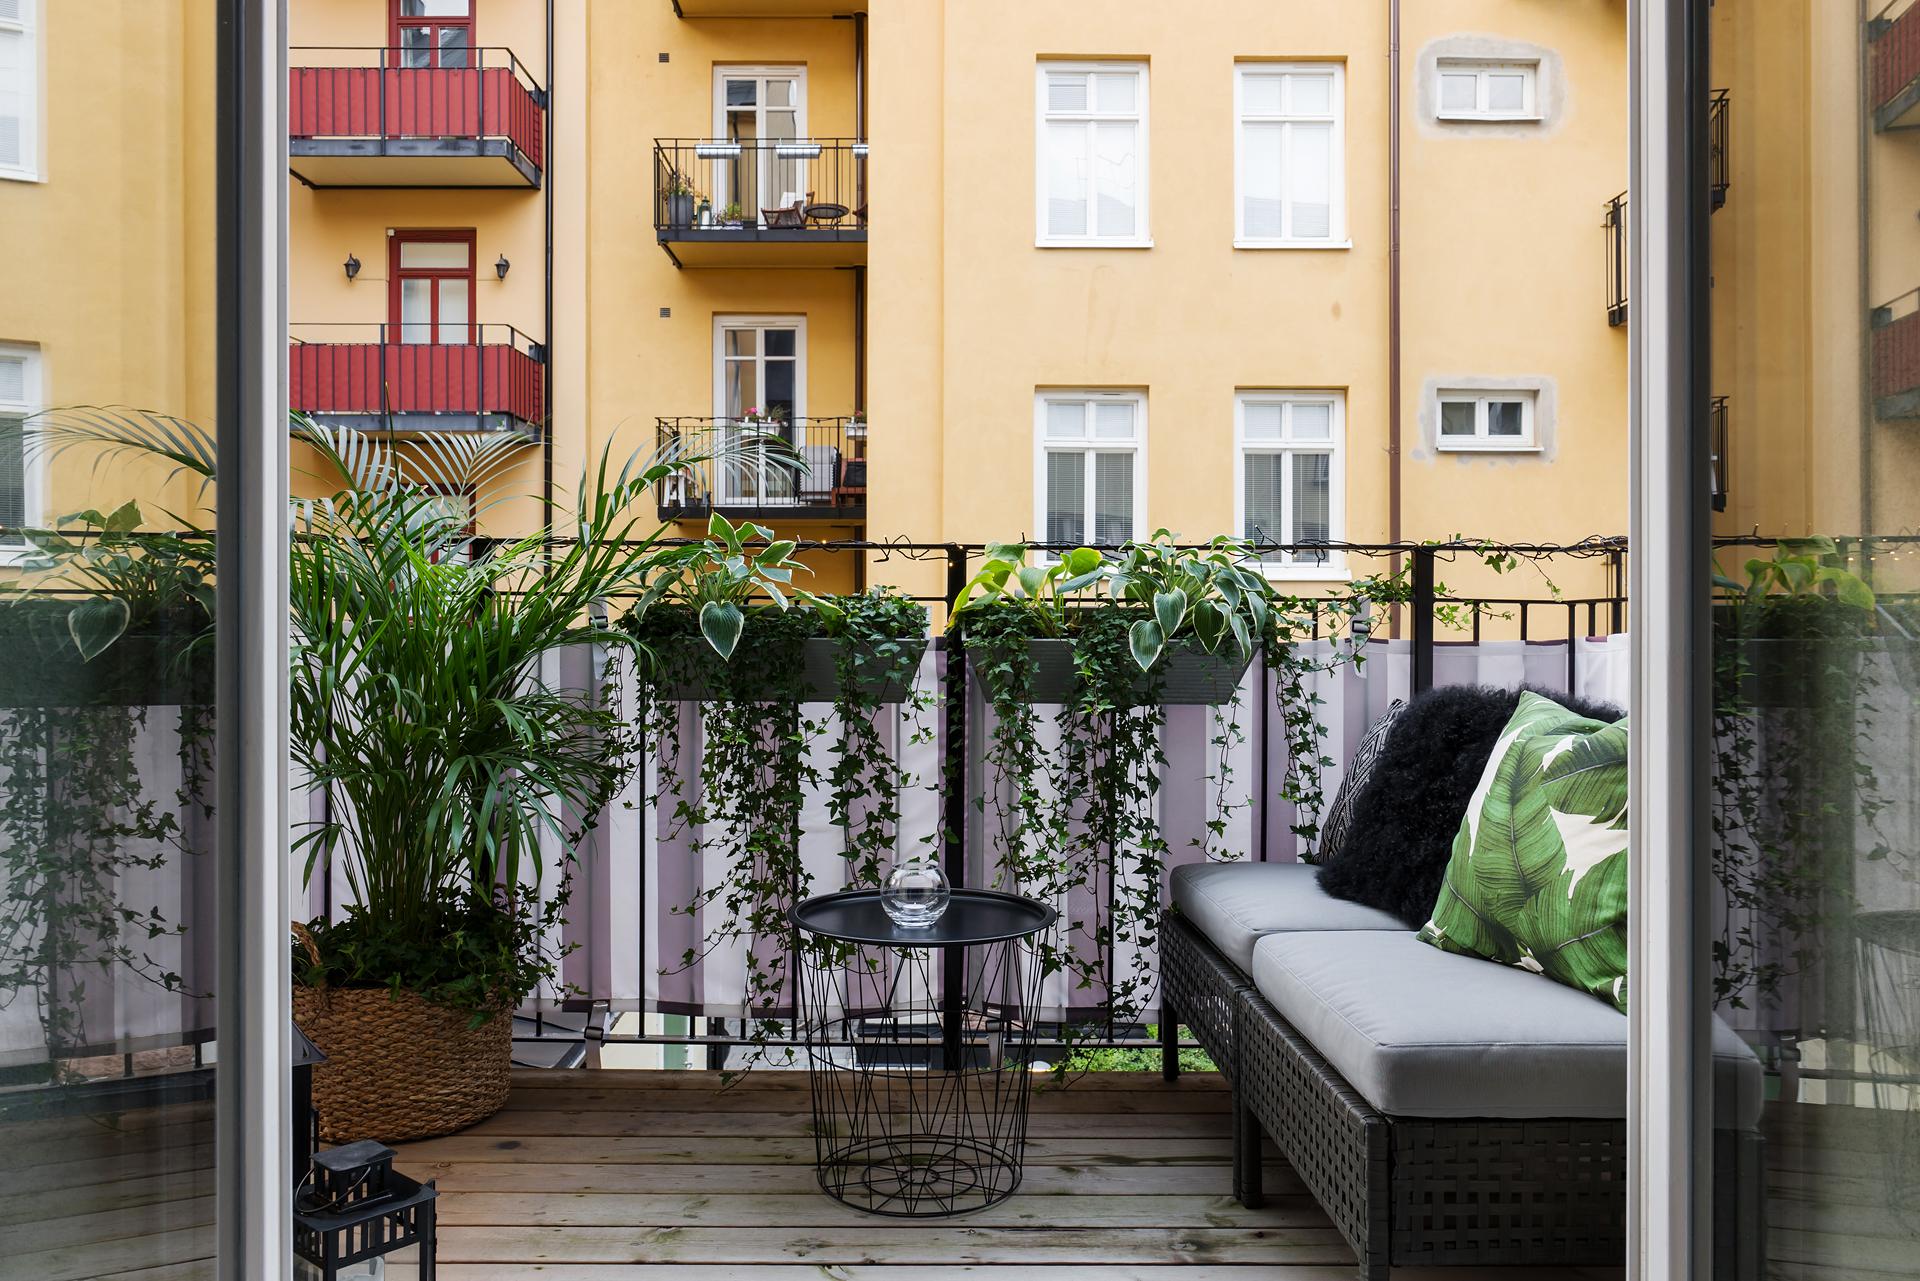 балкон цветы уличная мебель кашпо